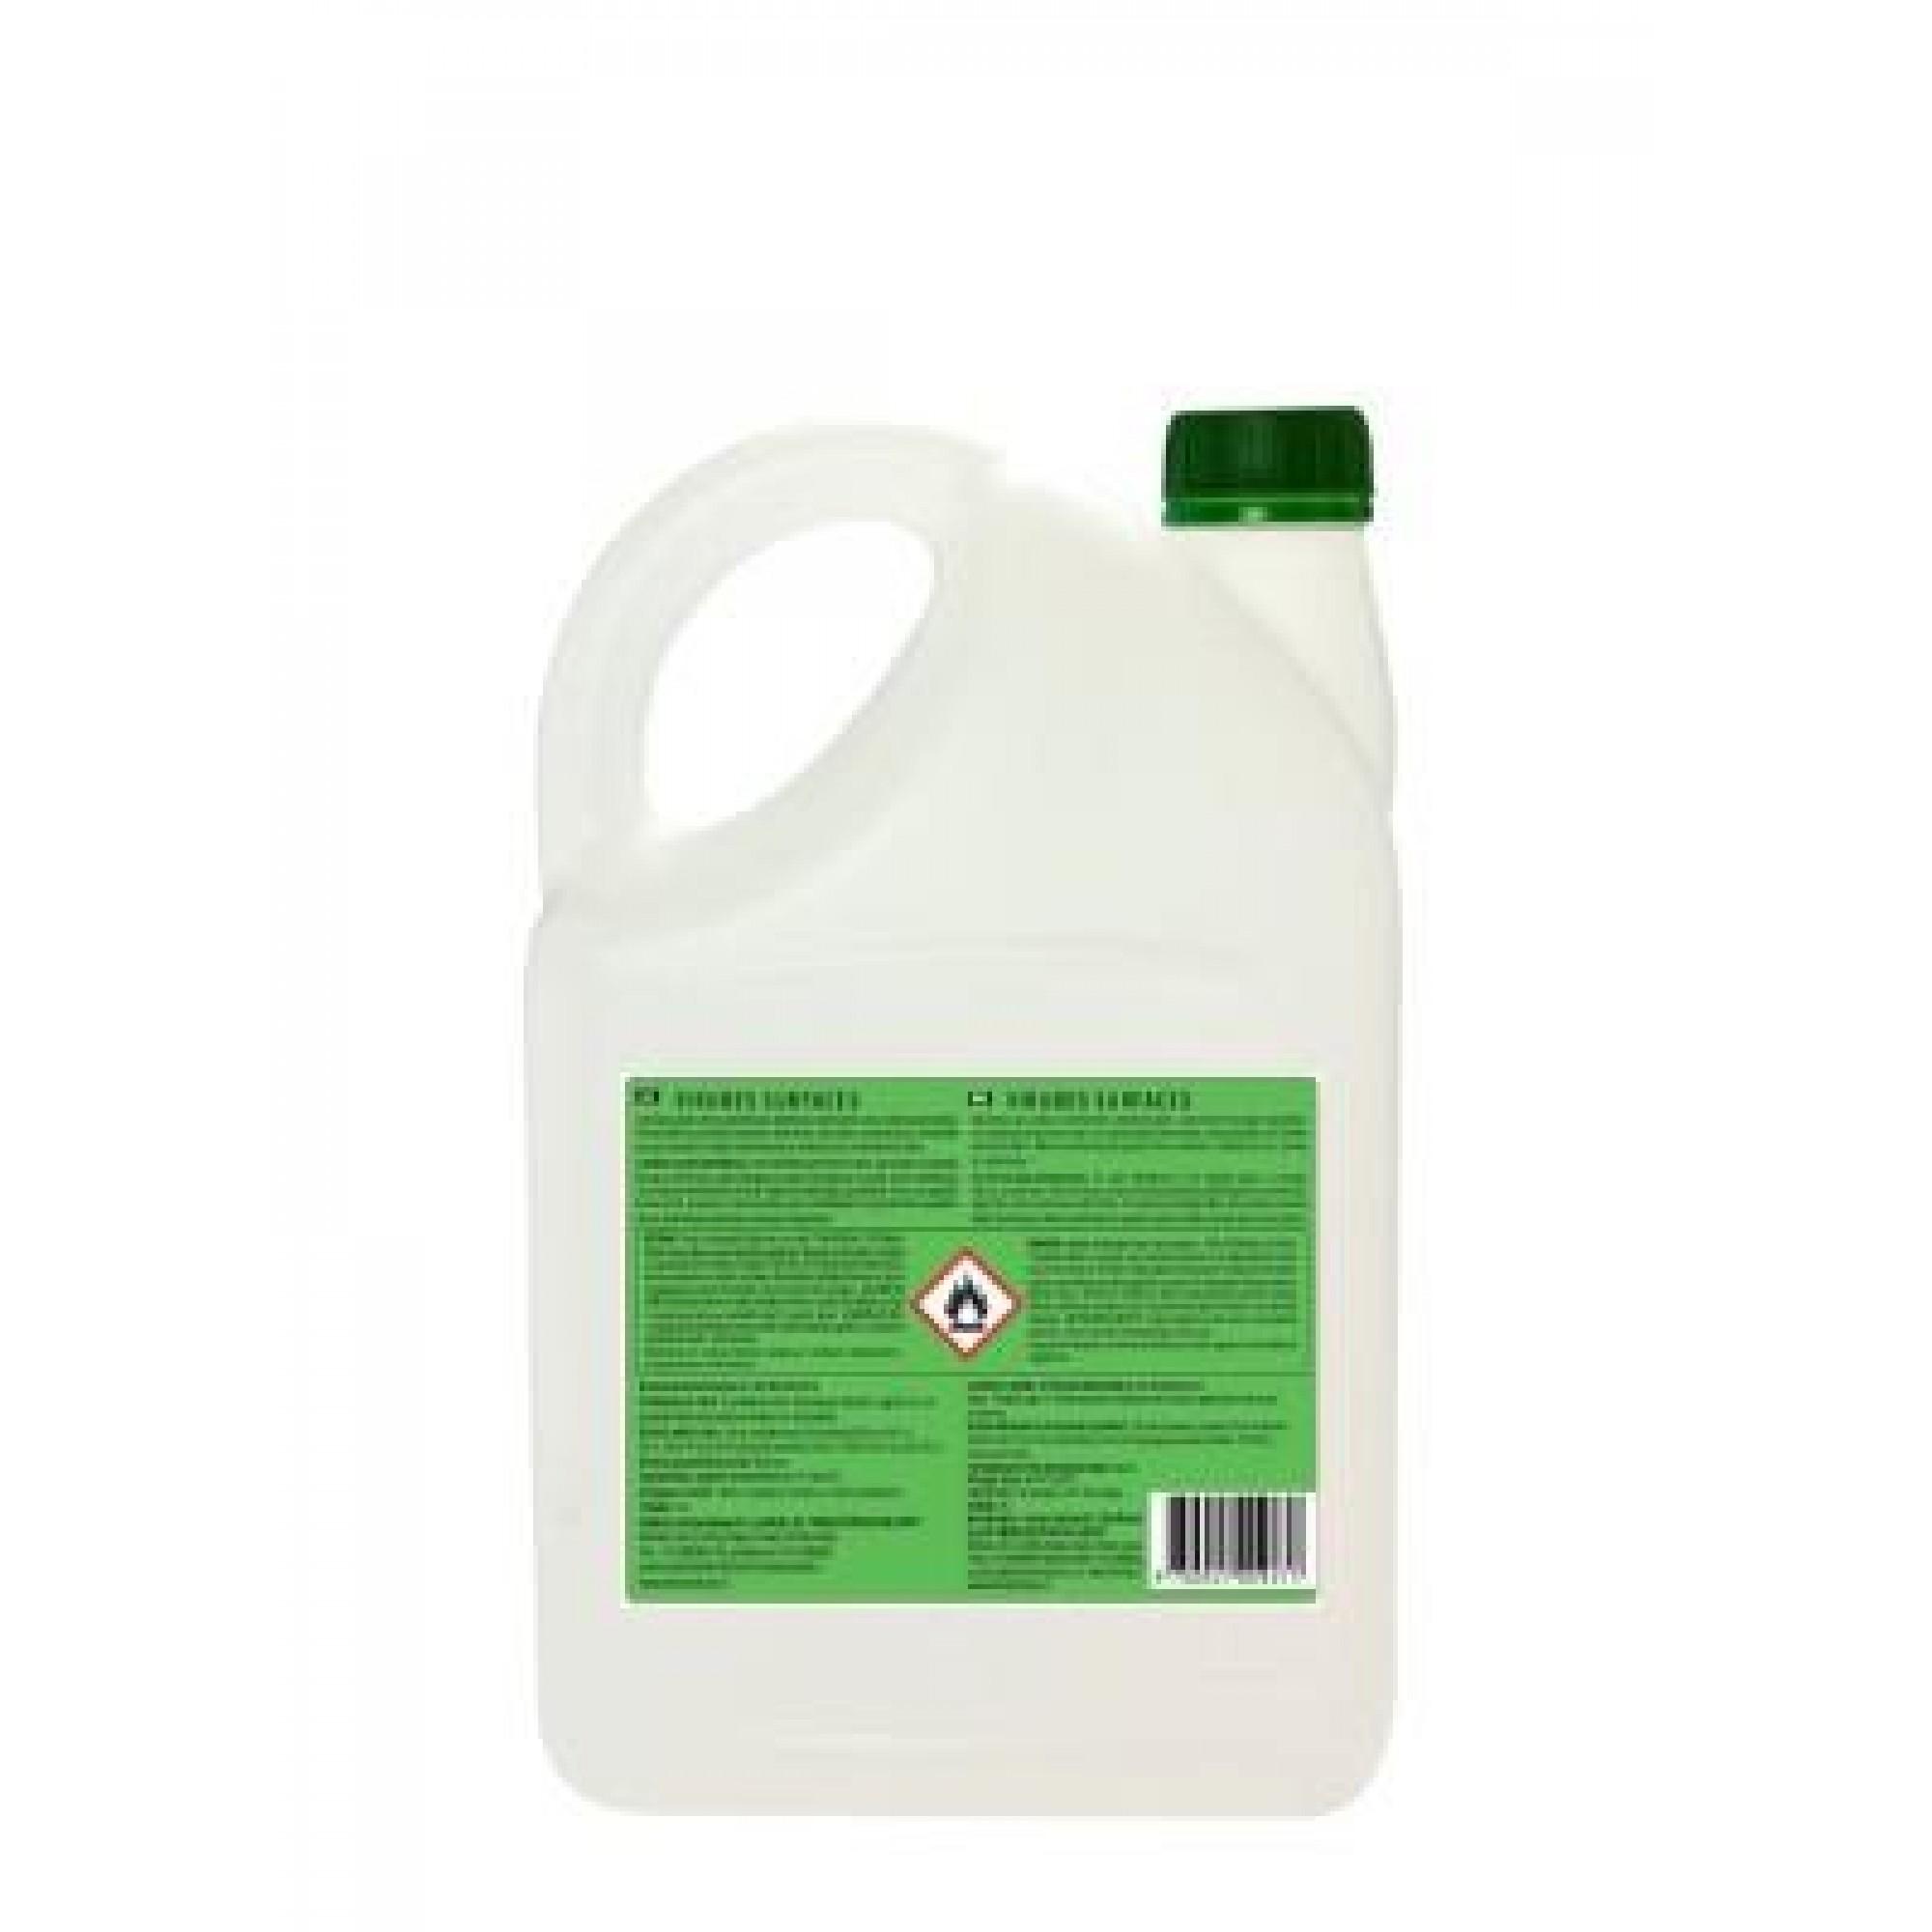 Dezinfekcijas līdzeklis virsmām LB VIRUDES 4L